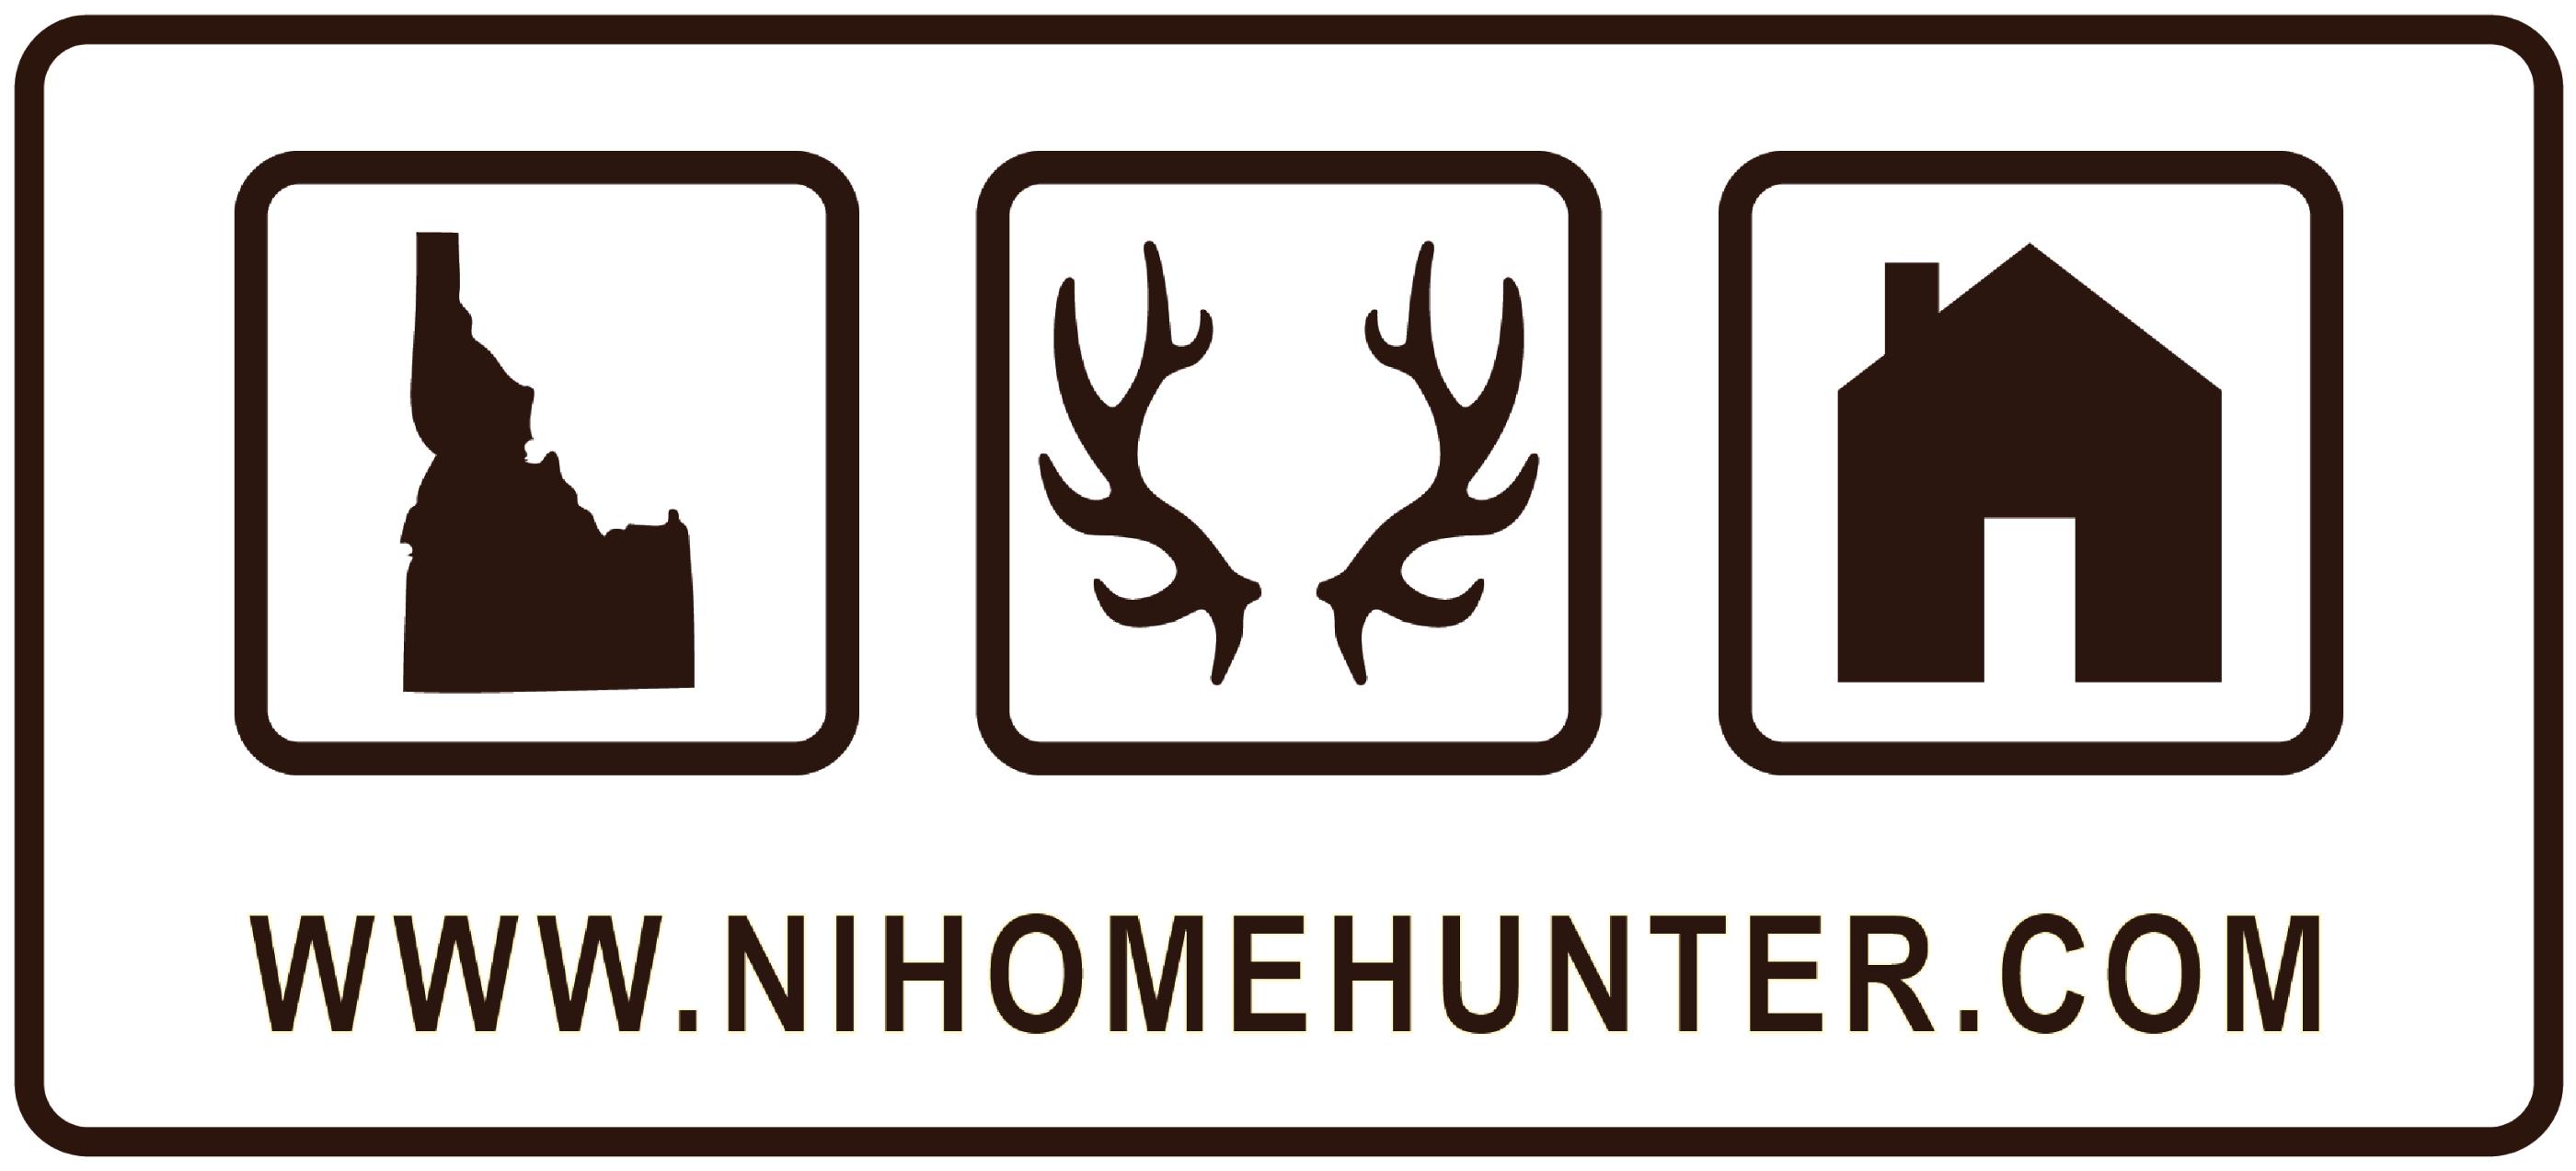 NIHH Crest